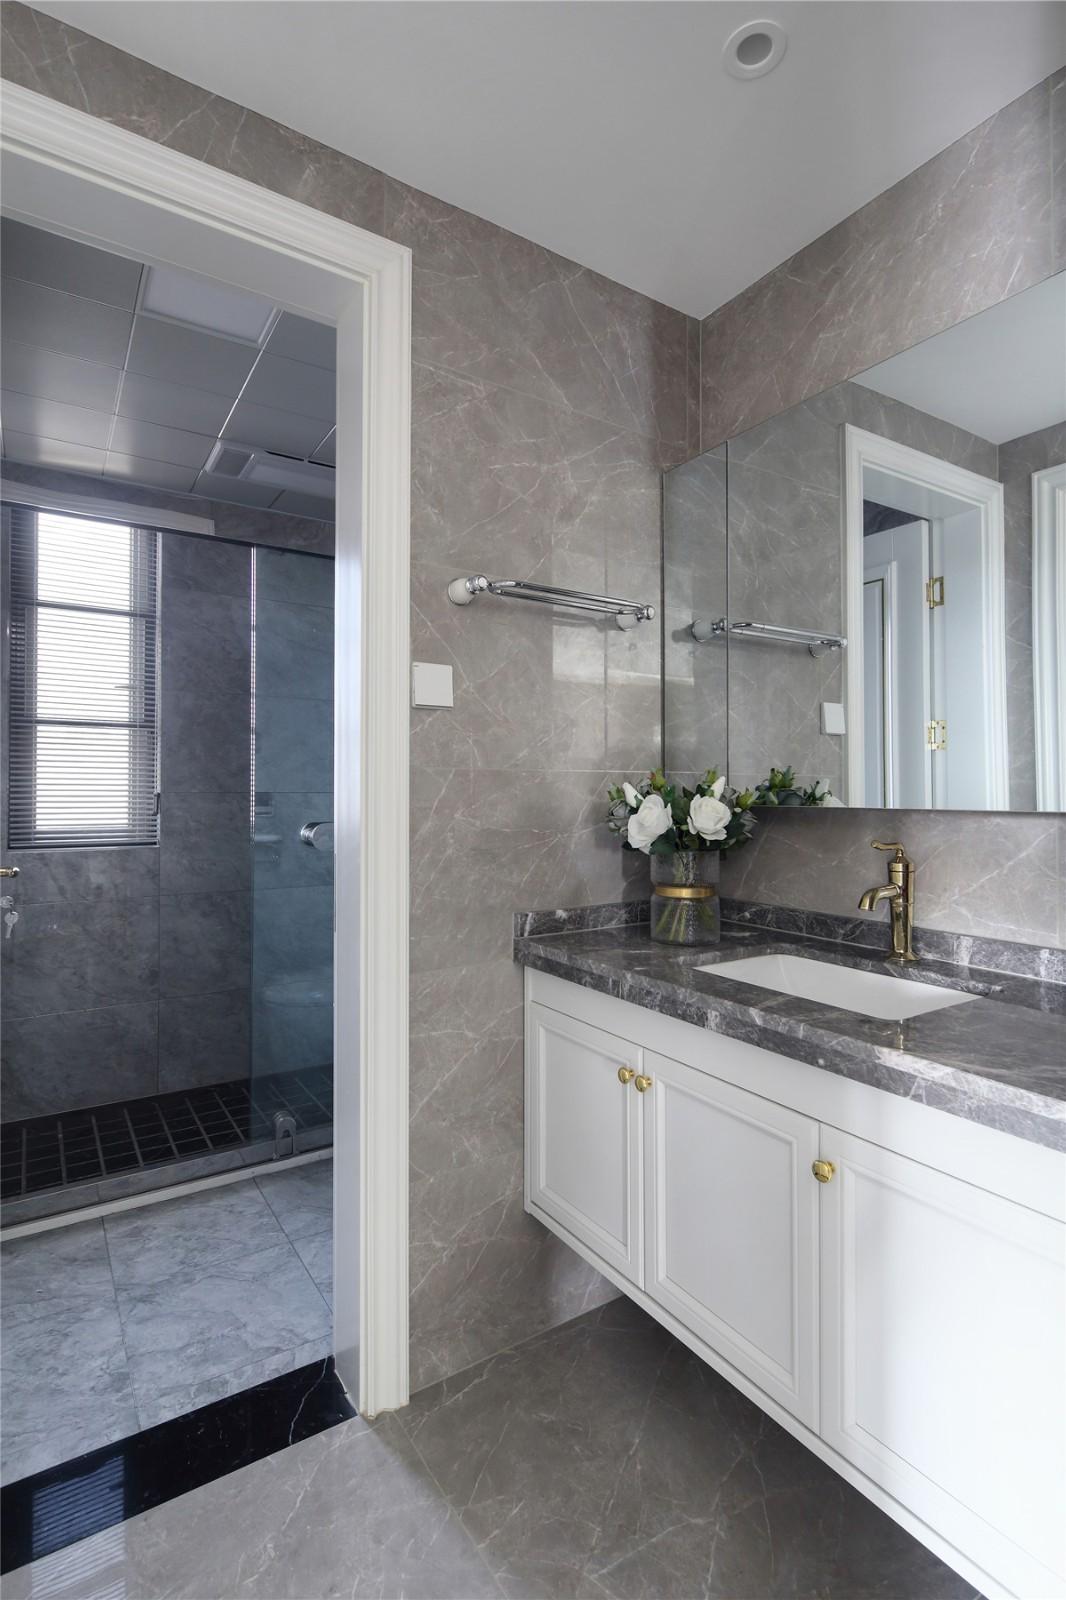 2020美式卫生间装修图片 2020美式浴室柜装修图片